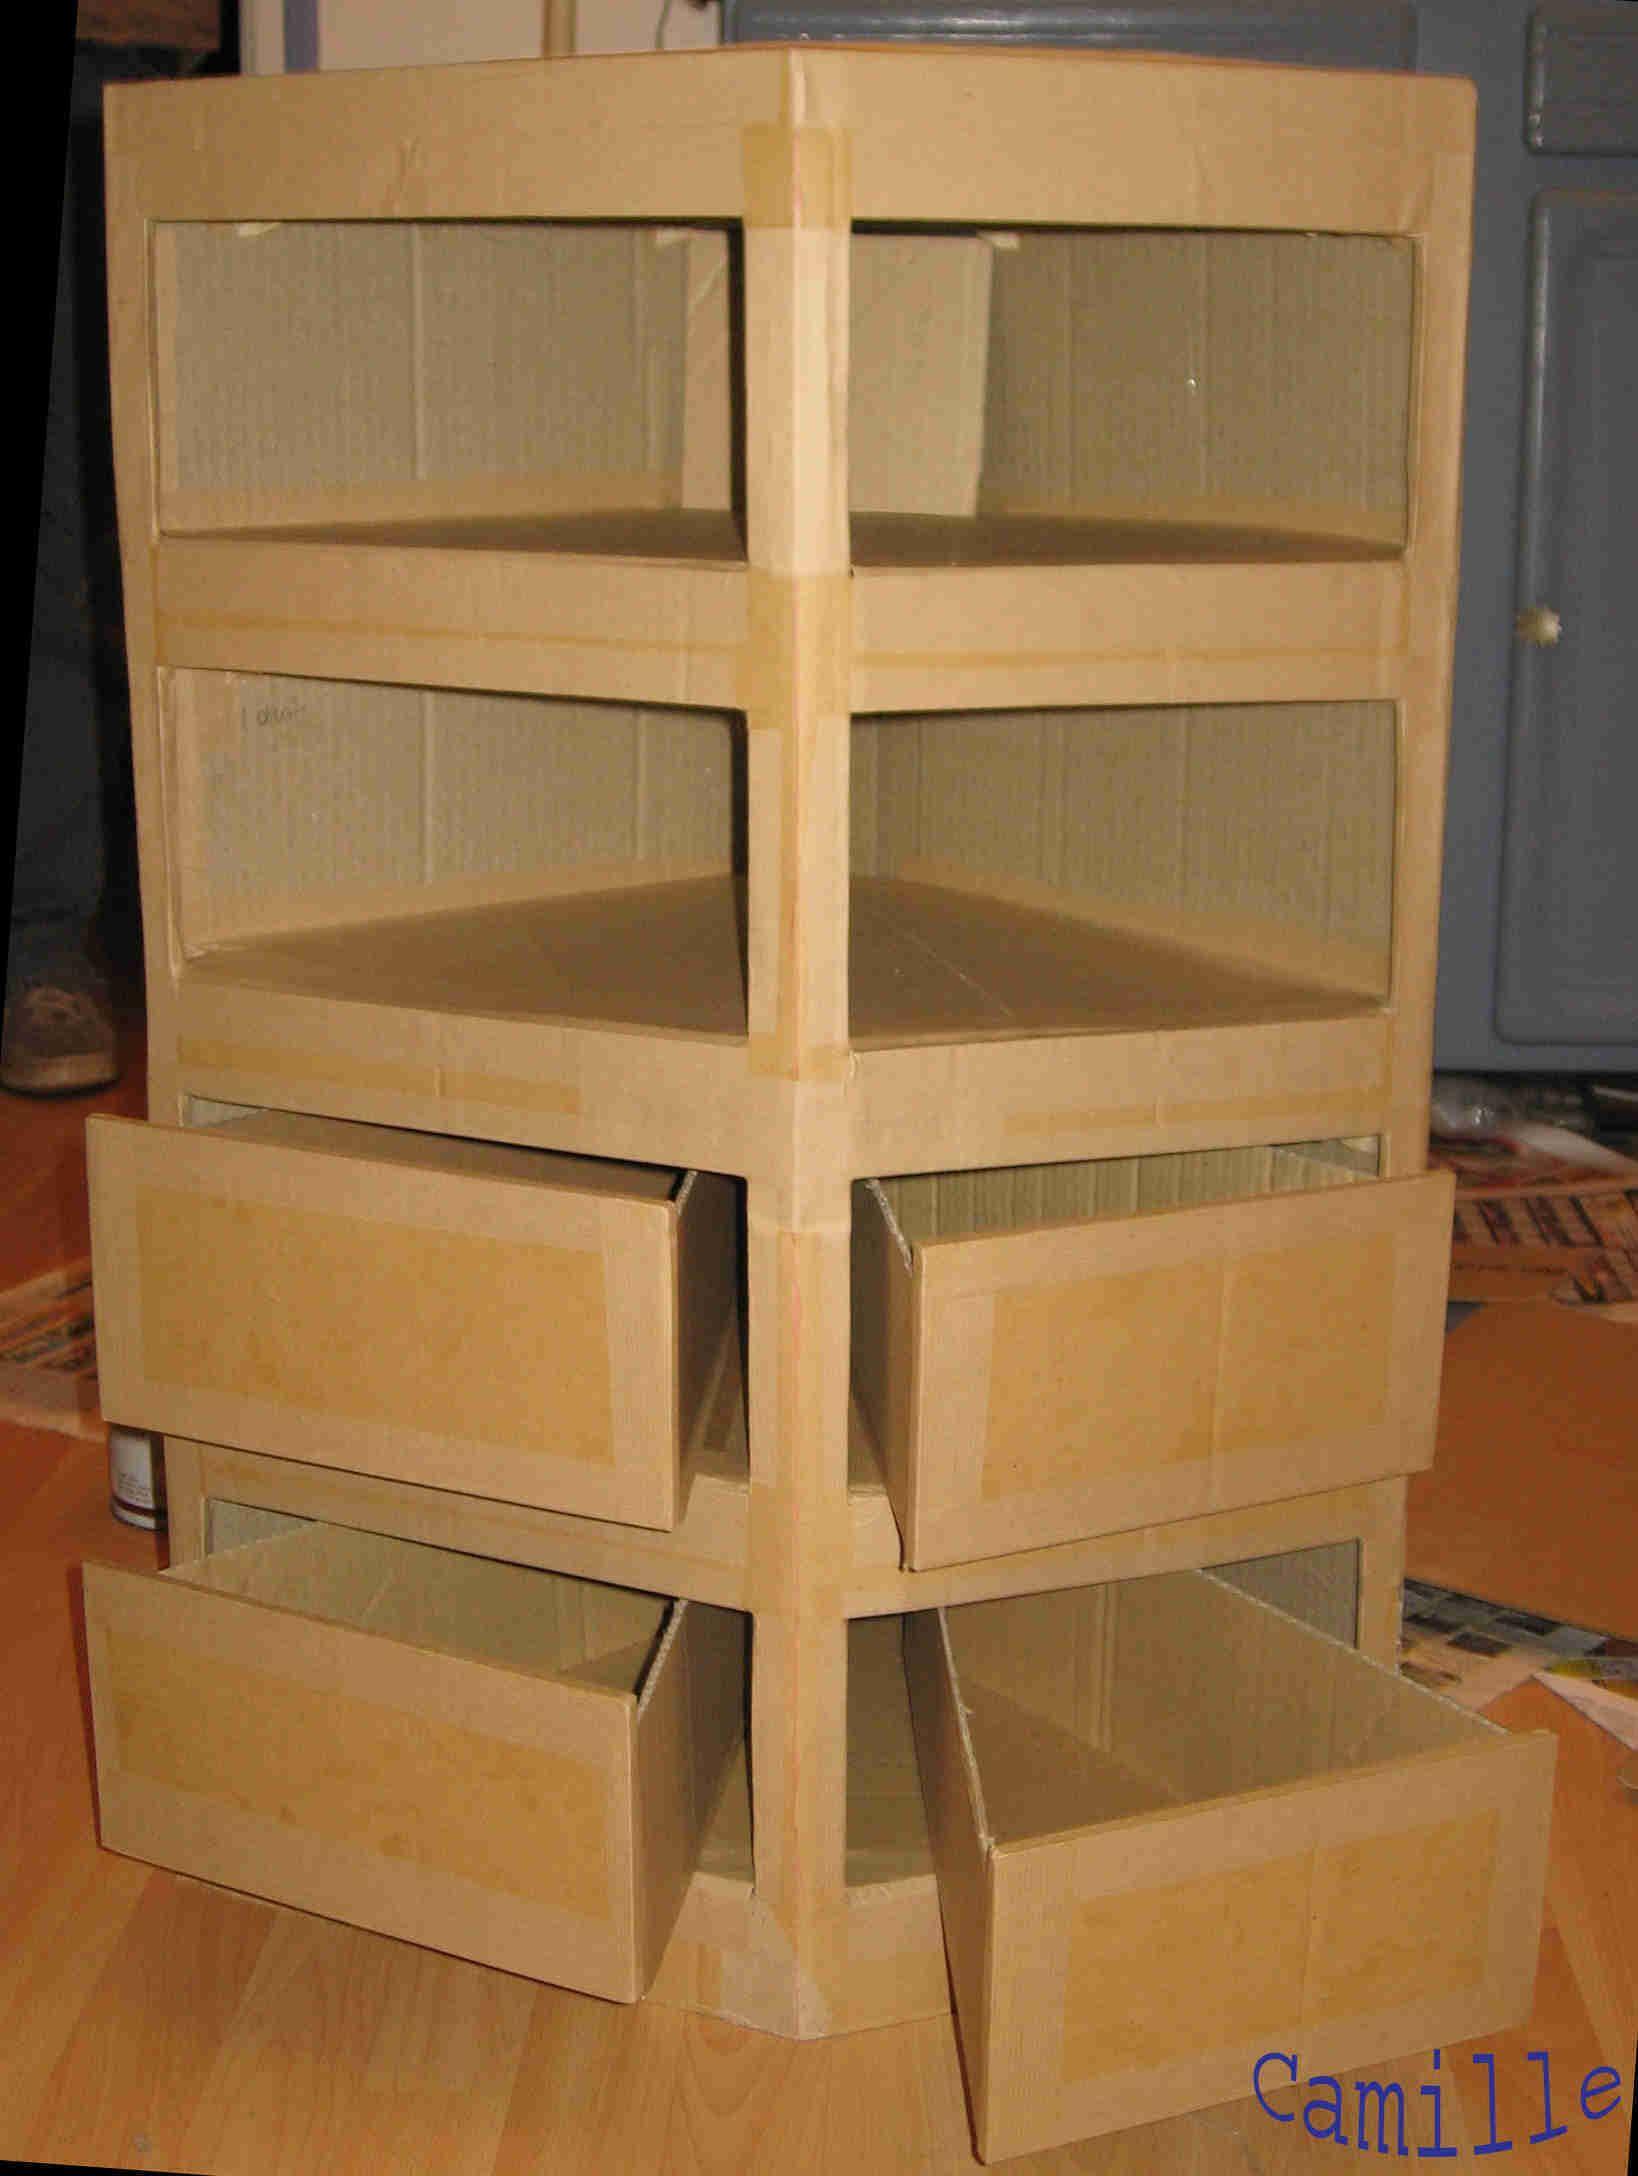 Comment Creer Un Meuble En Carton Rangement Carton Mobilier En Carton Travaux Manuels Boite En Carton